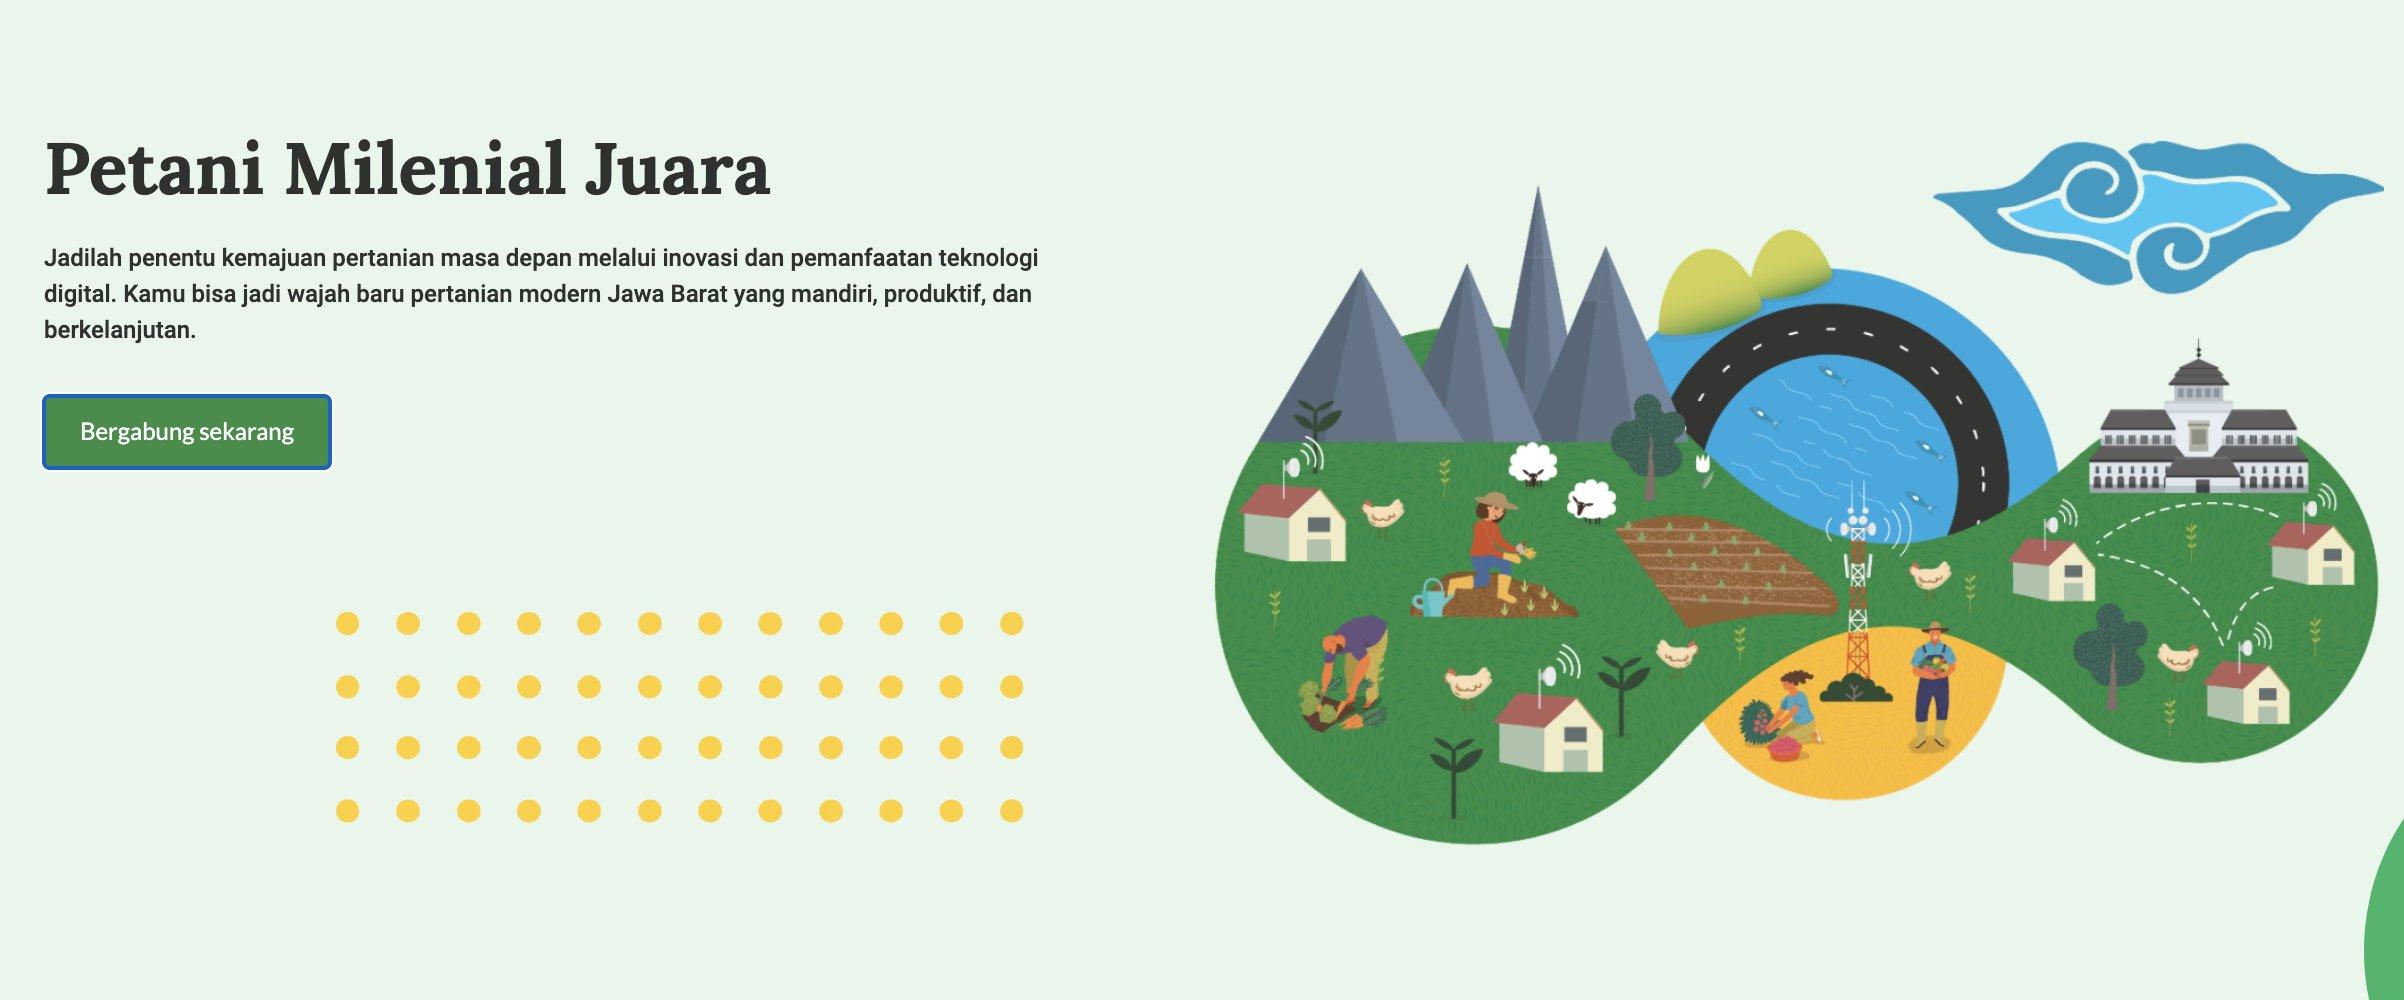 Tampilan Website Petani Digital (Gambar via petanimilenial.jabarprov.go.id)